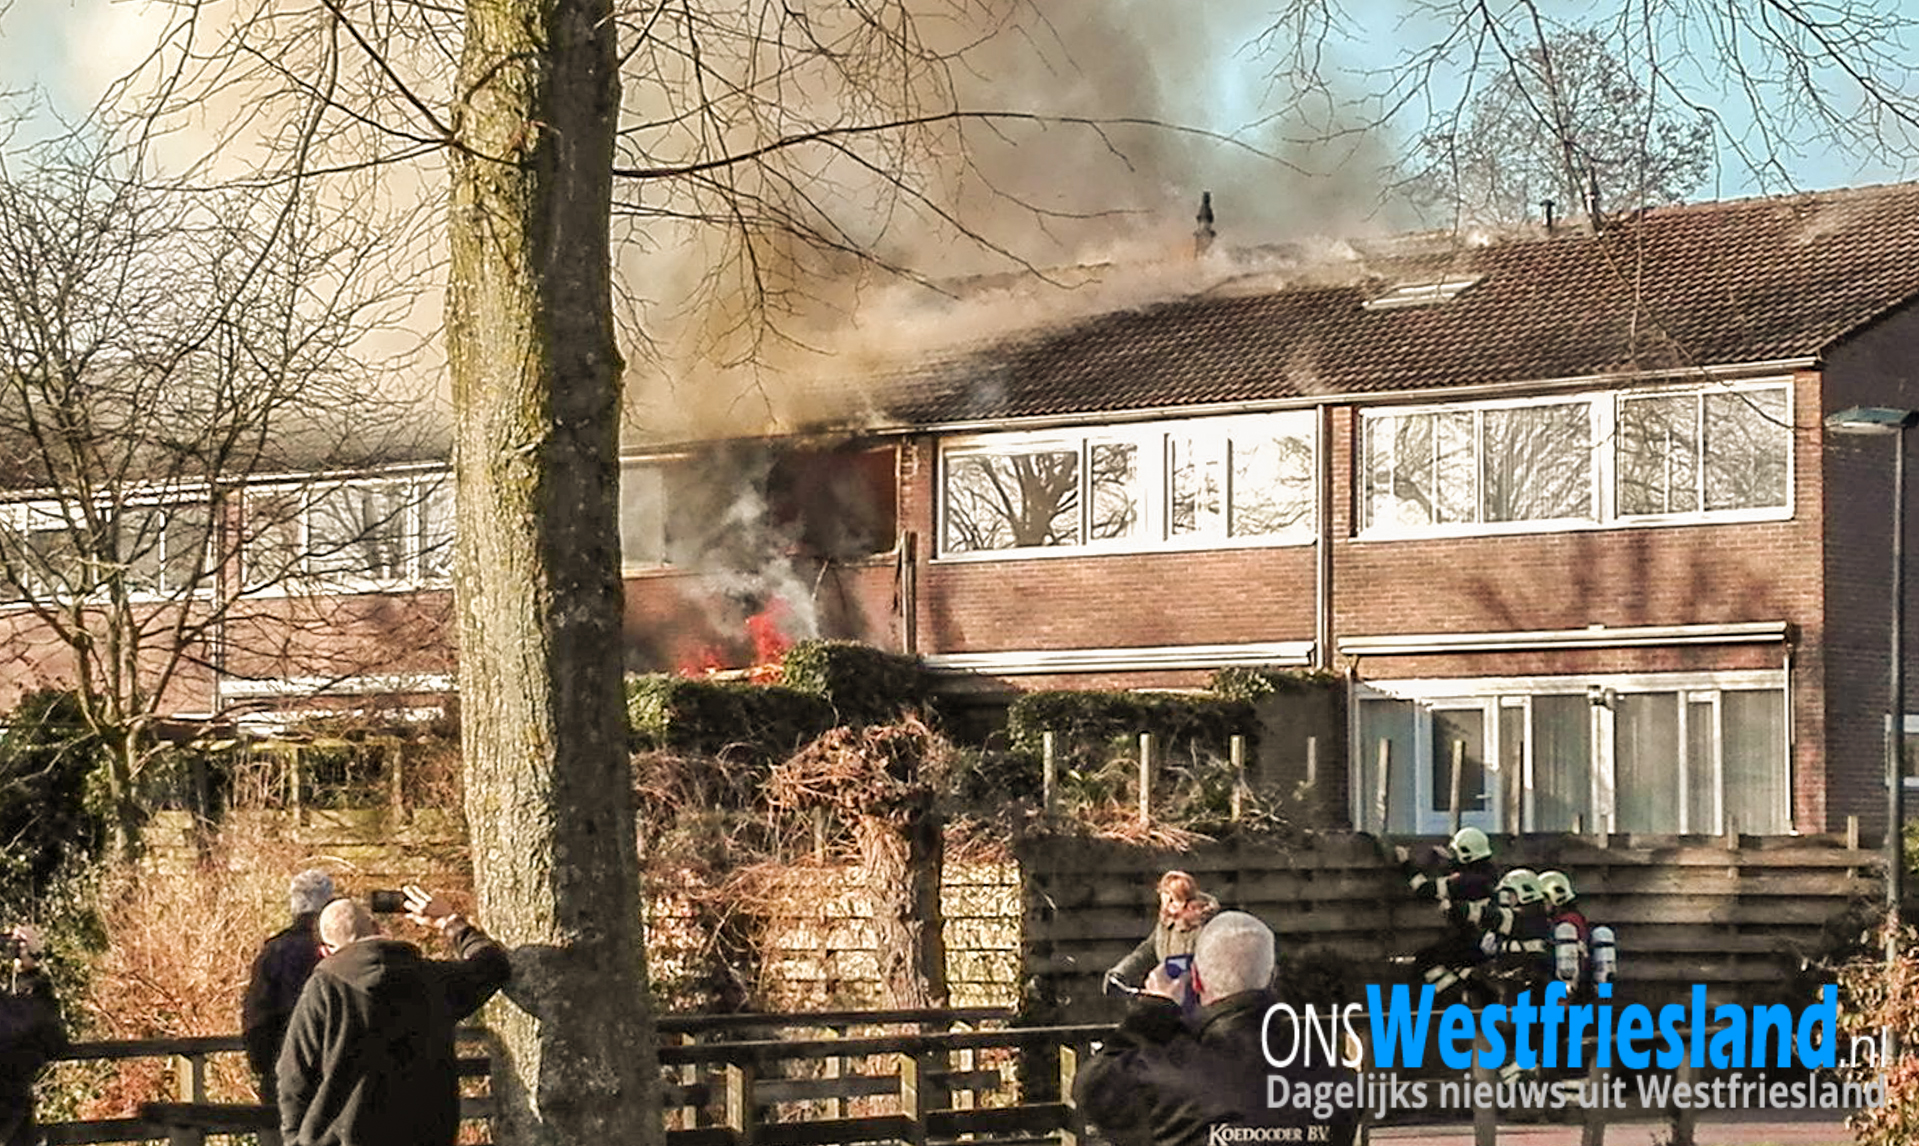 Grote uitslaande brand aan Schepenen in Hoorn; Lichaam gevonden (update)